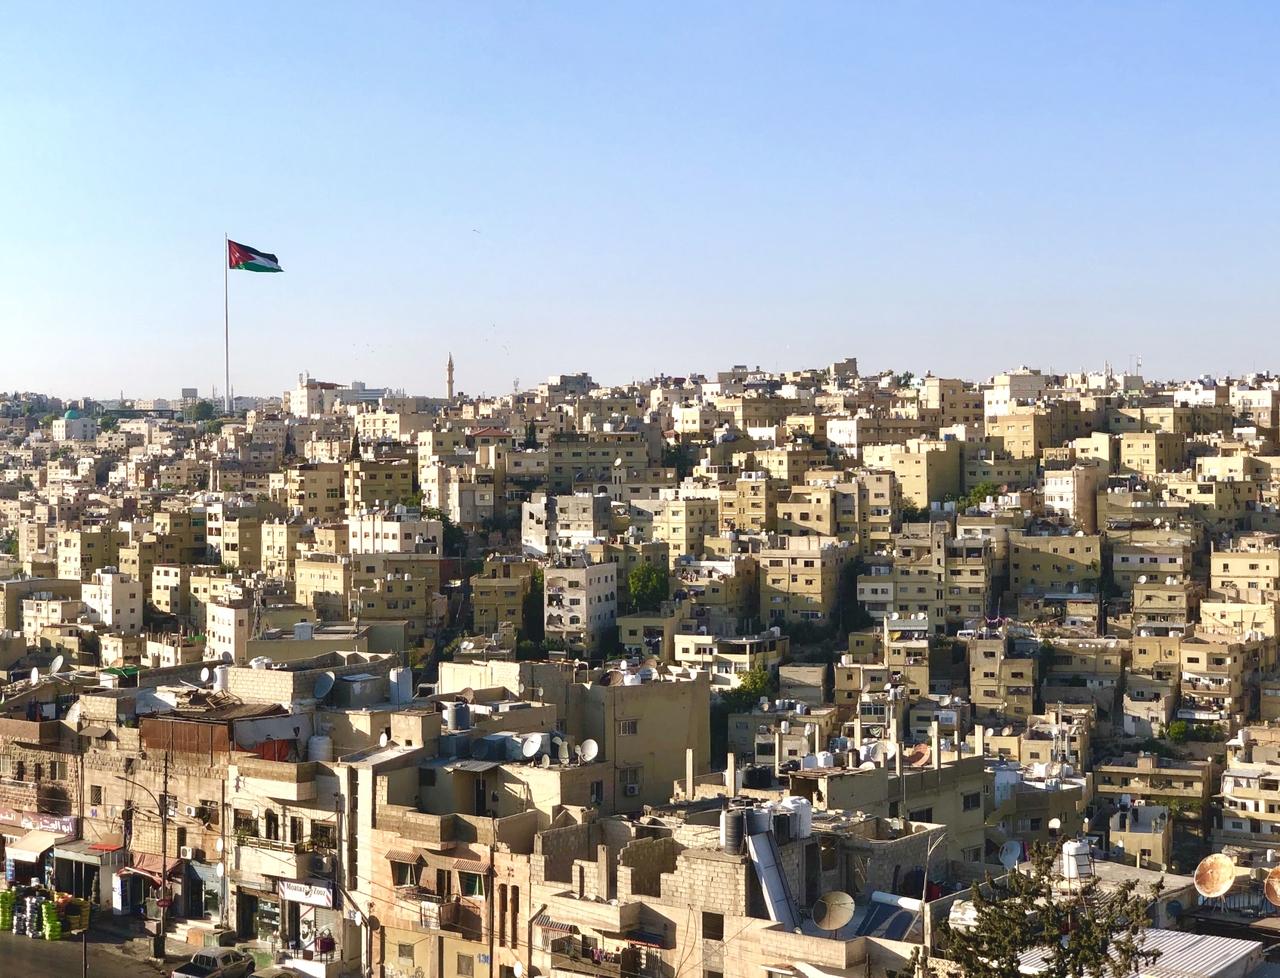 Jordánsko - Můj největší cestovatelský zážitek dosud